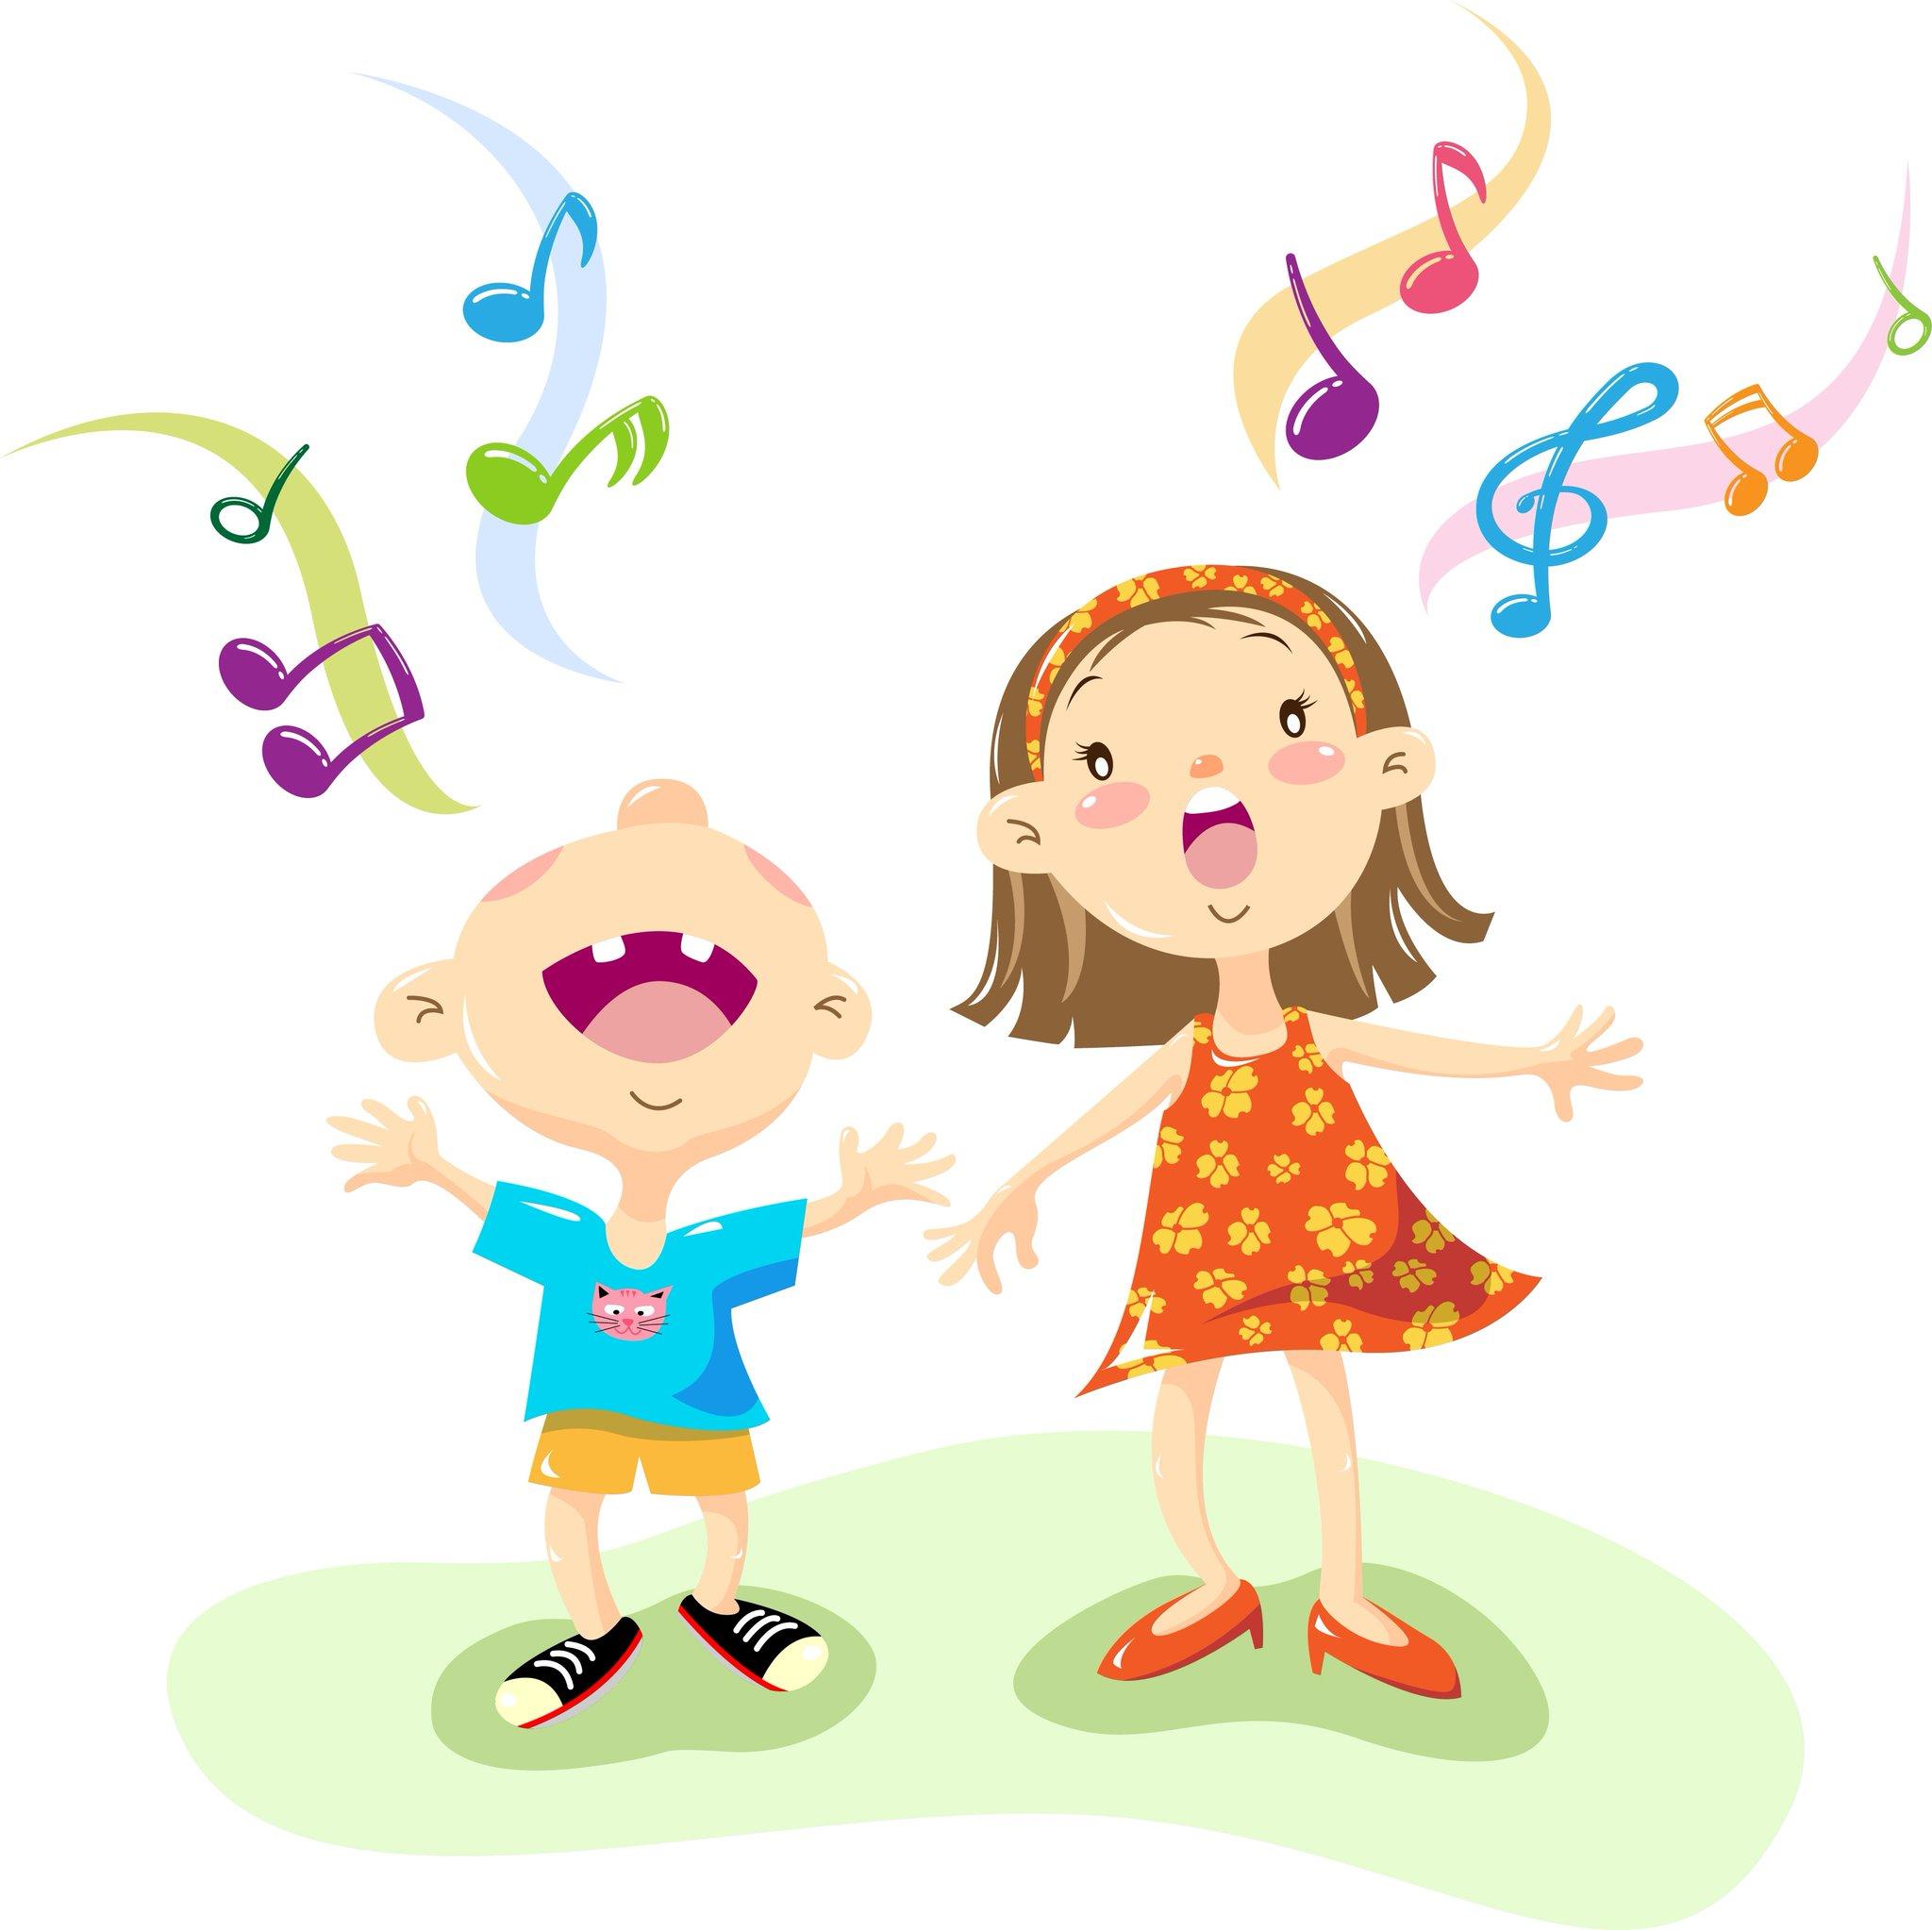 будем песни петь и веселиться картинки своих